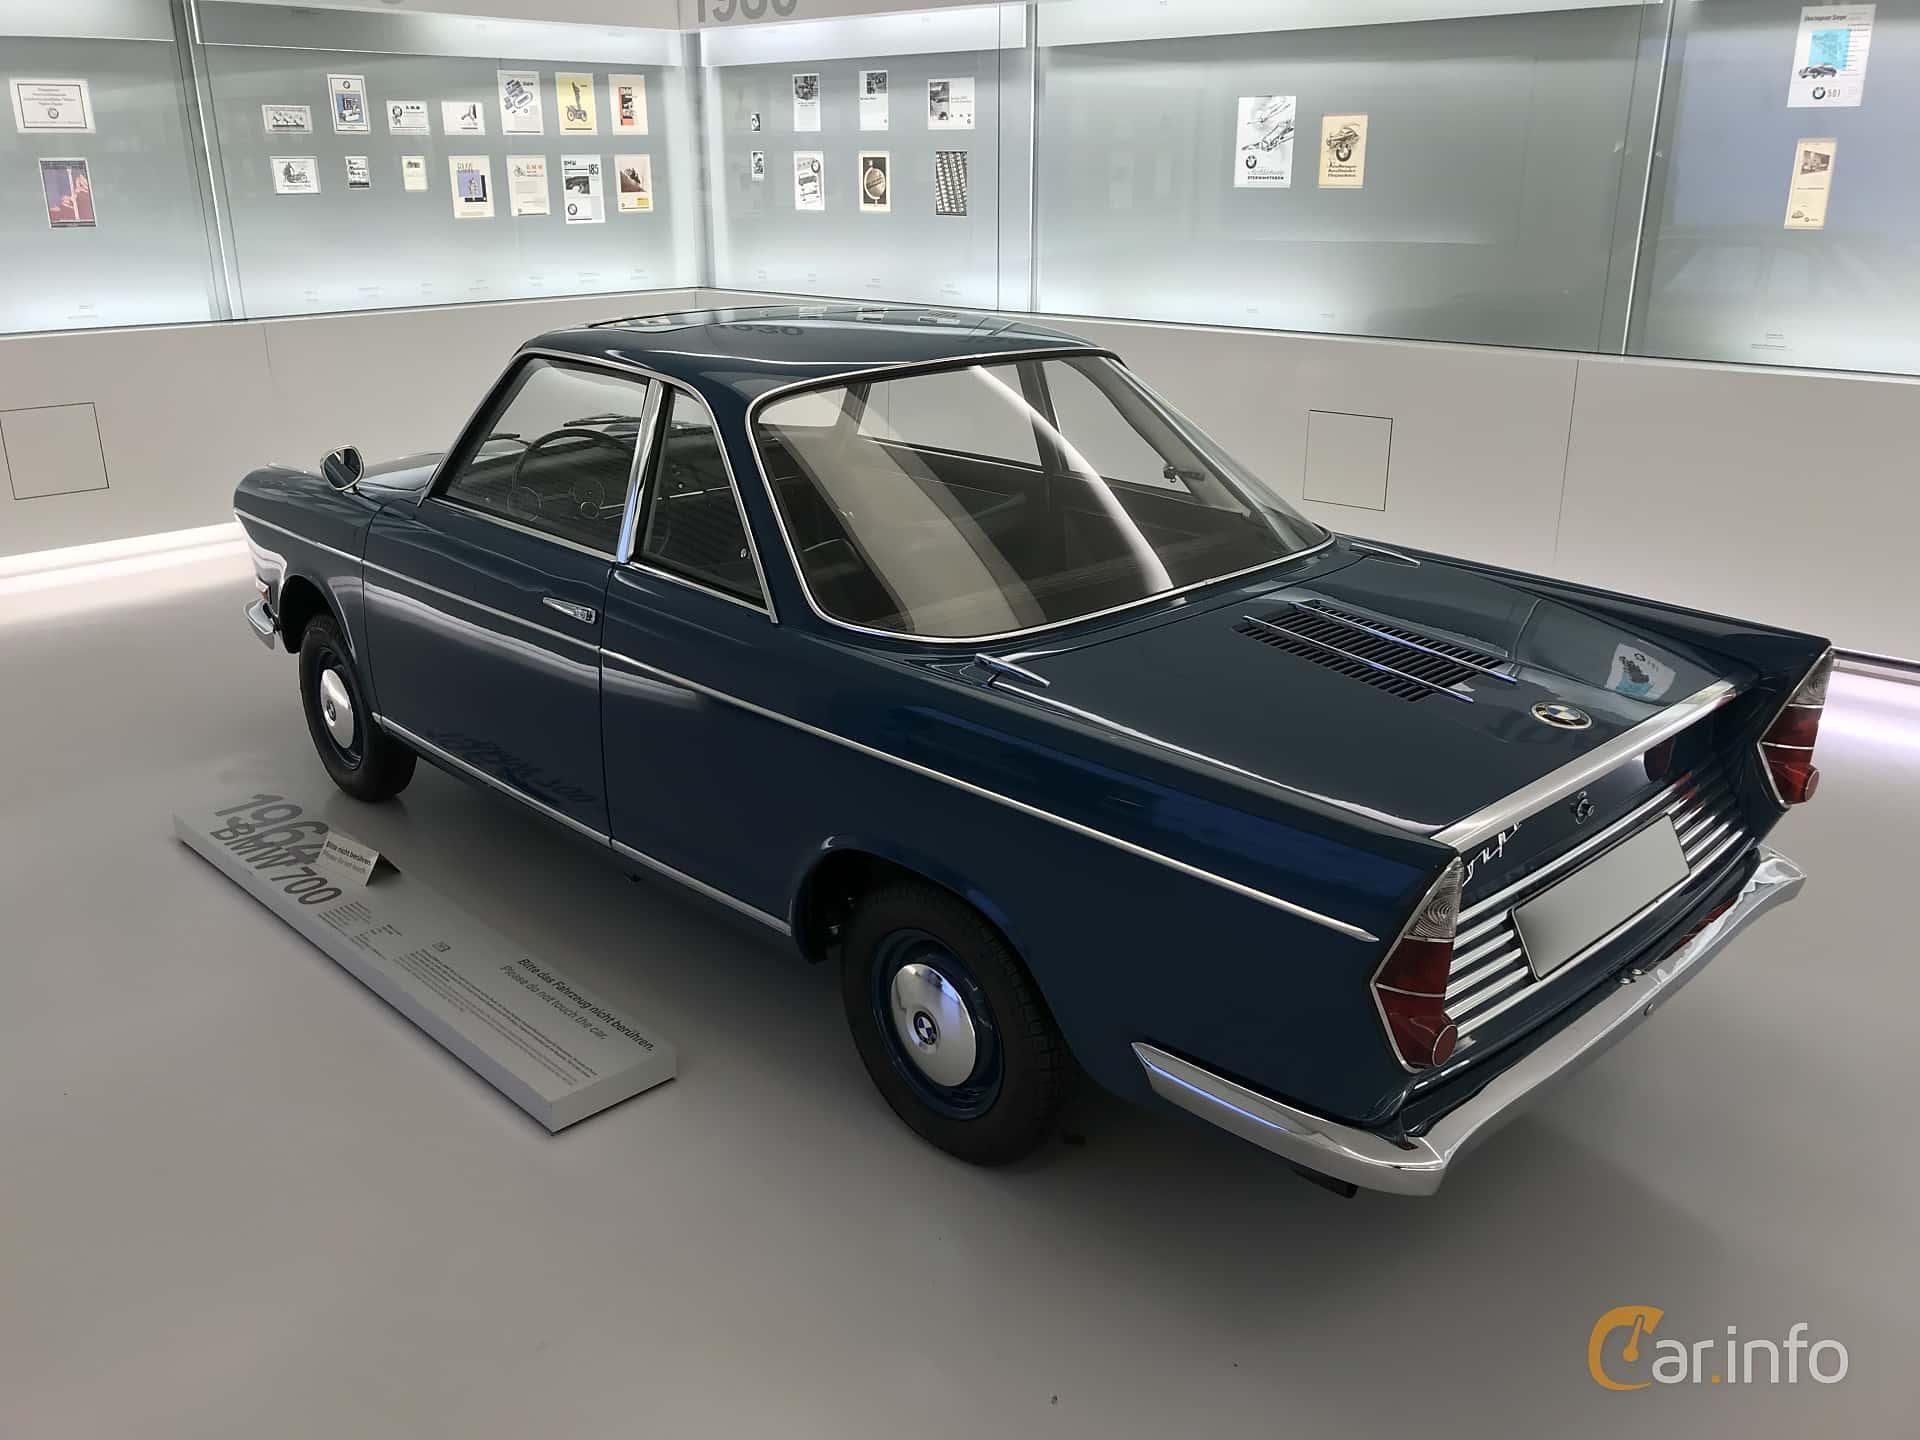 BMW 700 LS Coupé 0.7 Manual, 40hp, 1964